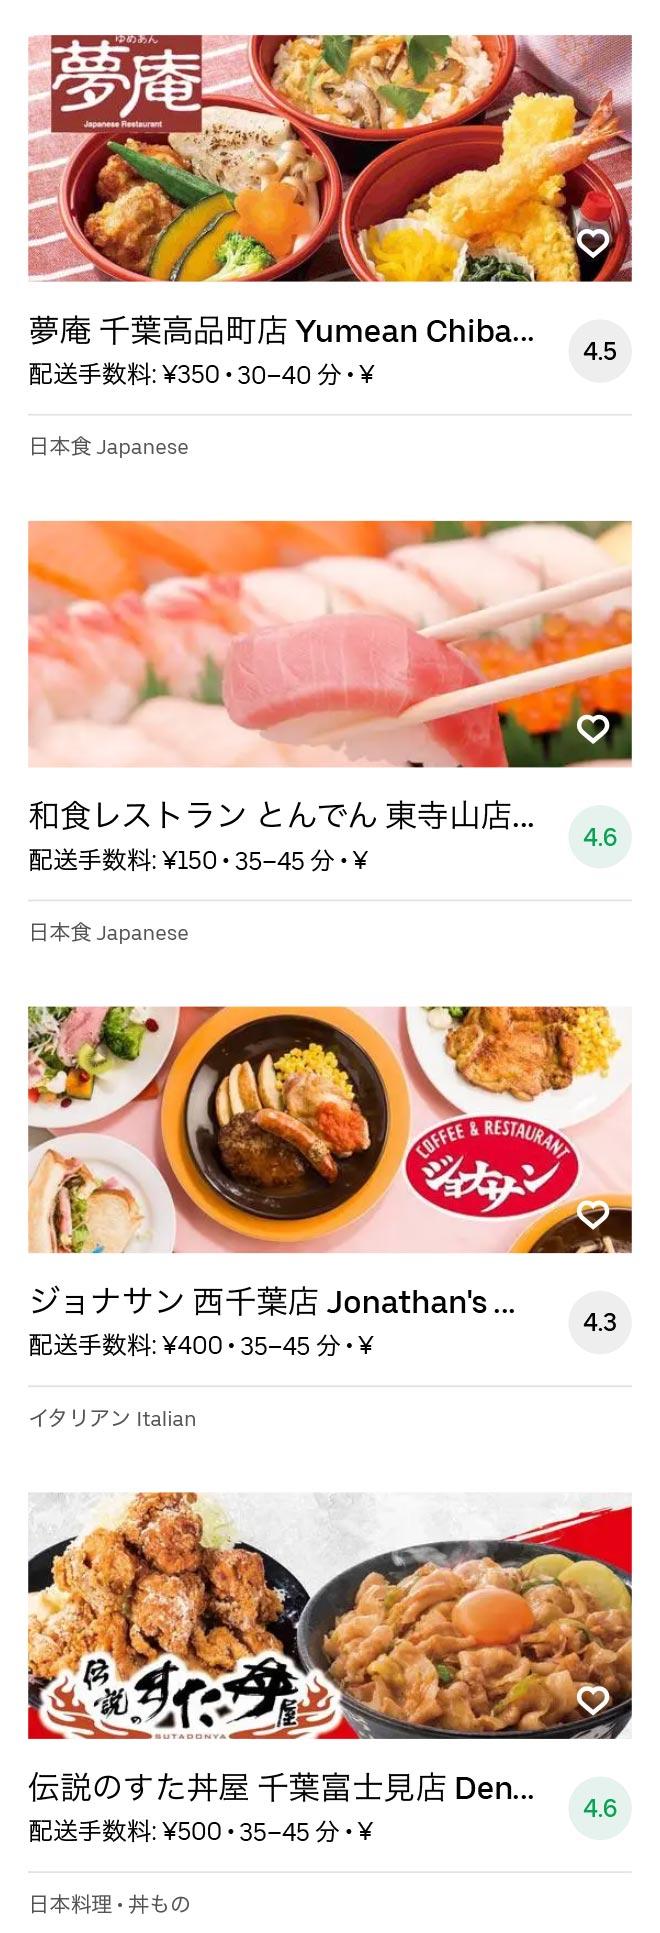 Tsuga menu 2010 10